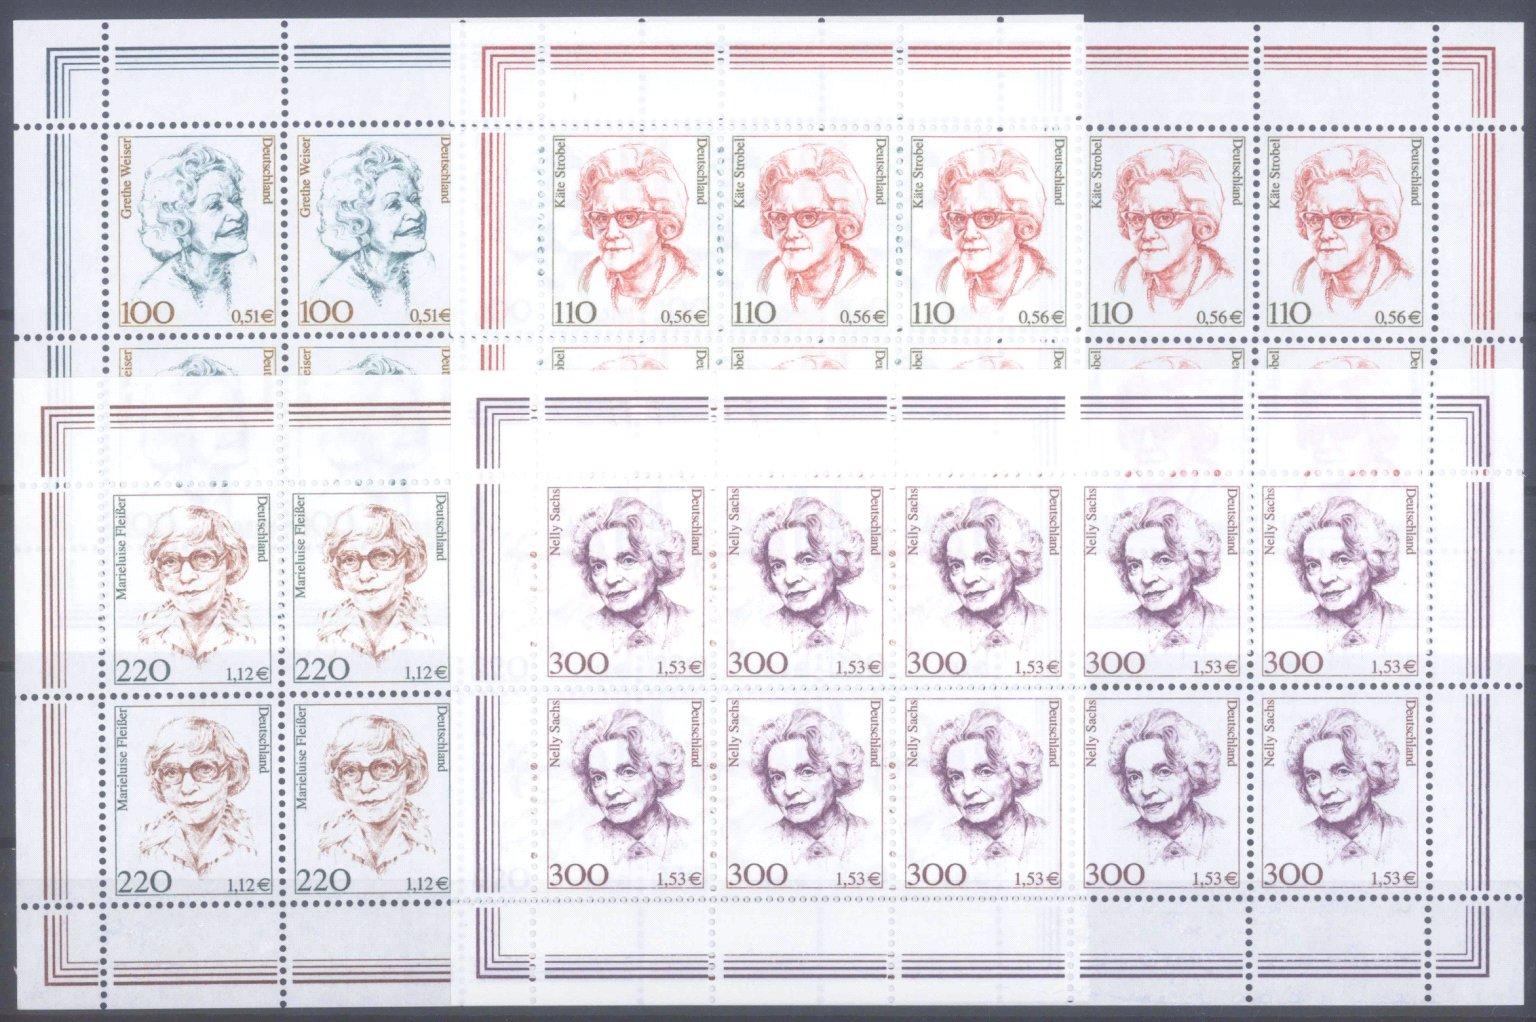 BUND 2000/2001, postfrische Nominale mit 37,- Euro